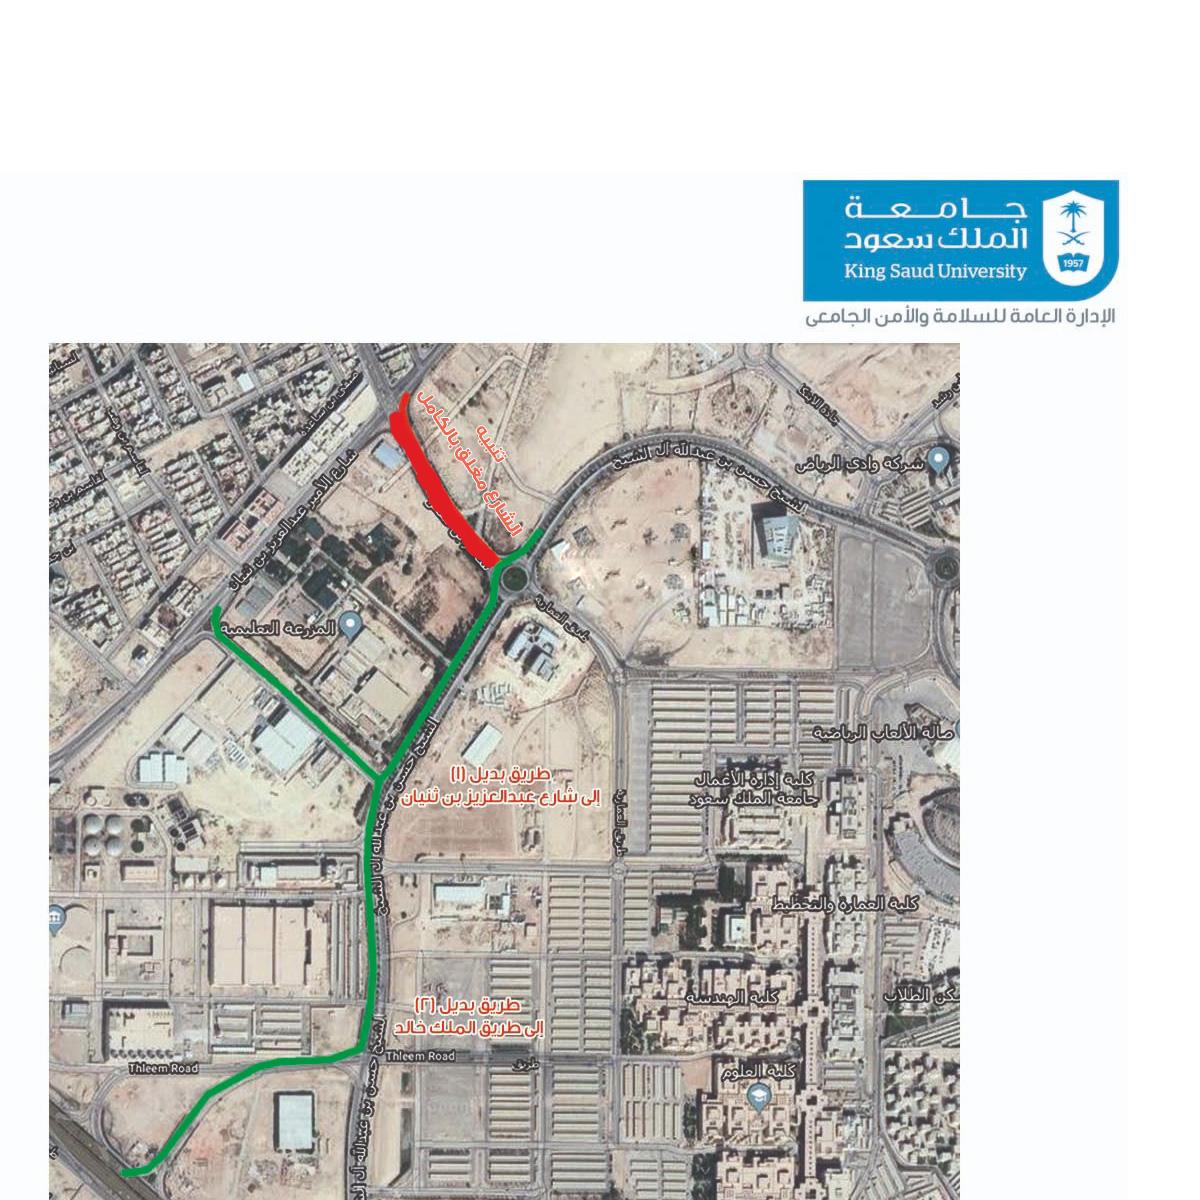 إغلاق مسار الدخول والخروج للبوابة رقم (5) على شارع الأمير عبدالعزيز بن ثنيان